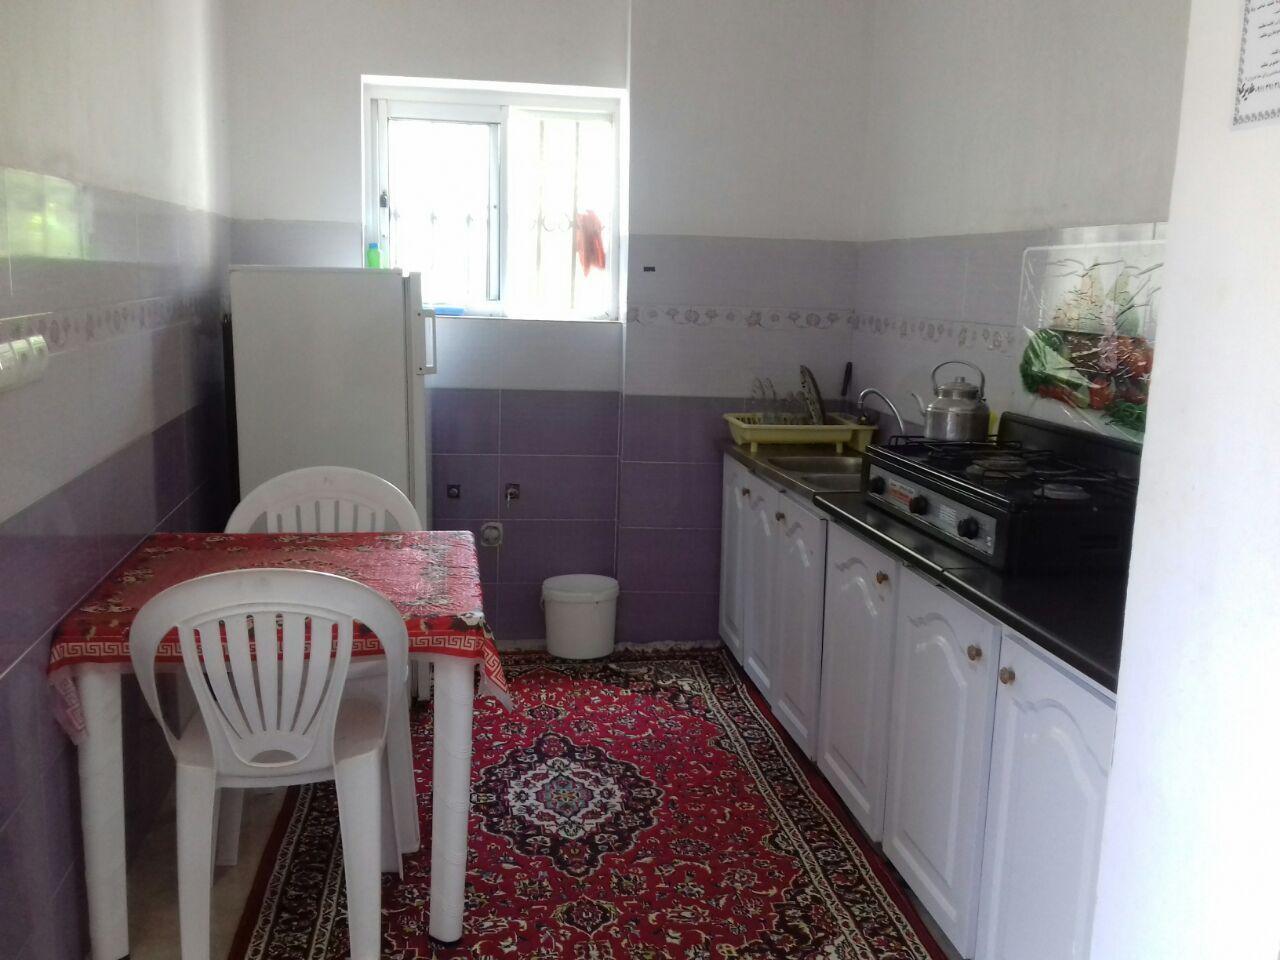 جنگلی منزل ویلایی در روستای جواهرده رامسر